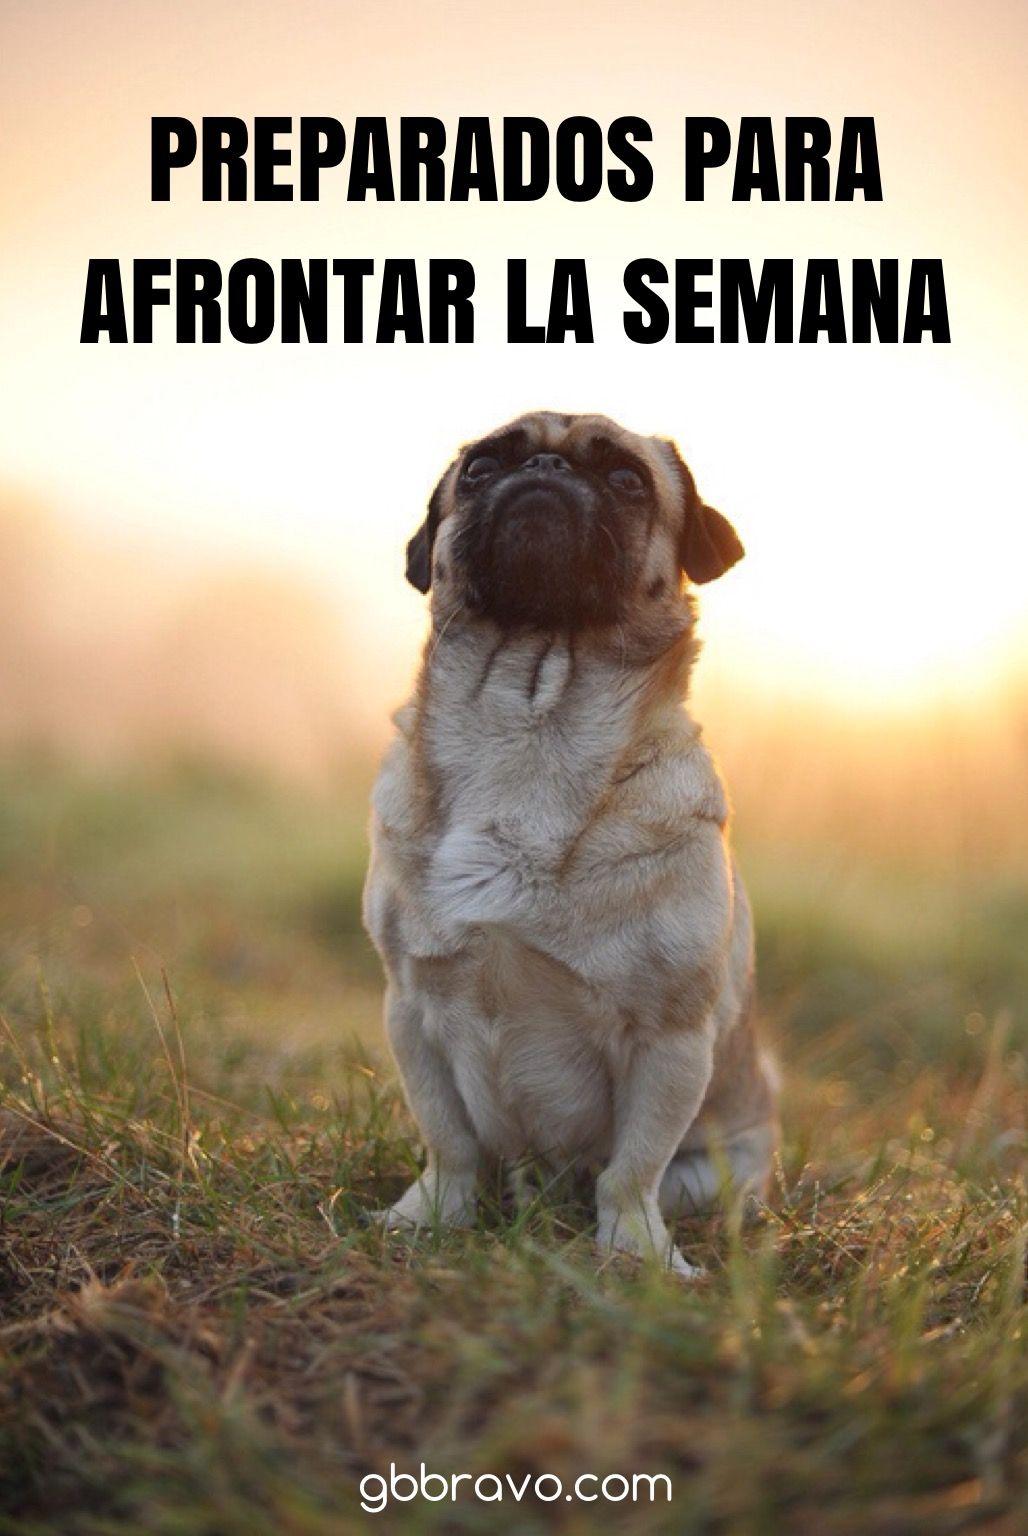 Vamos Con La Semana Animo Y Feliz Lunes Happymonday Humor De Perros Gatitos Divertidos Perros Pug